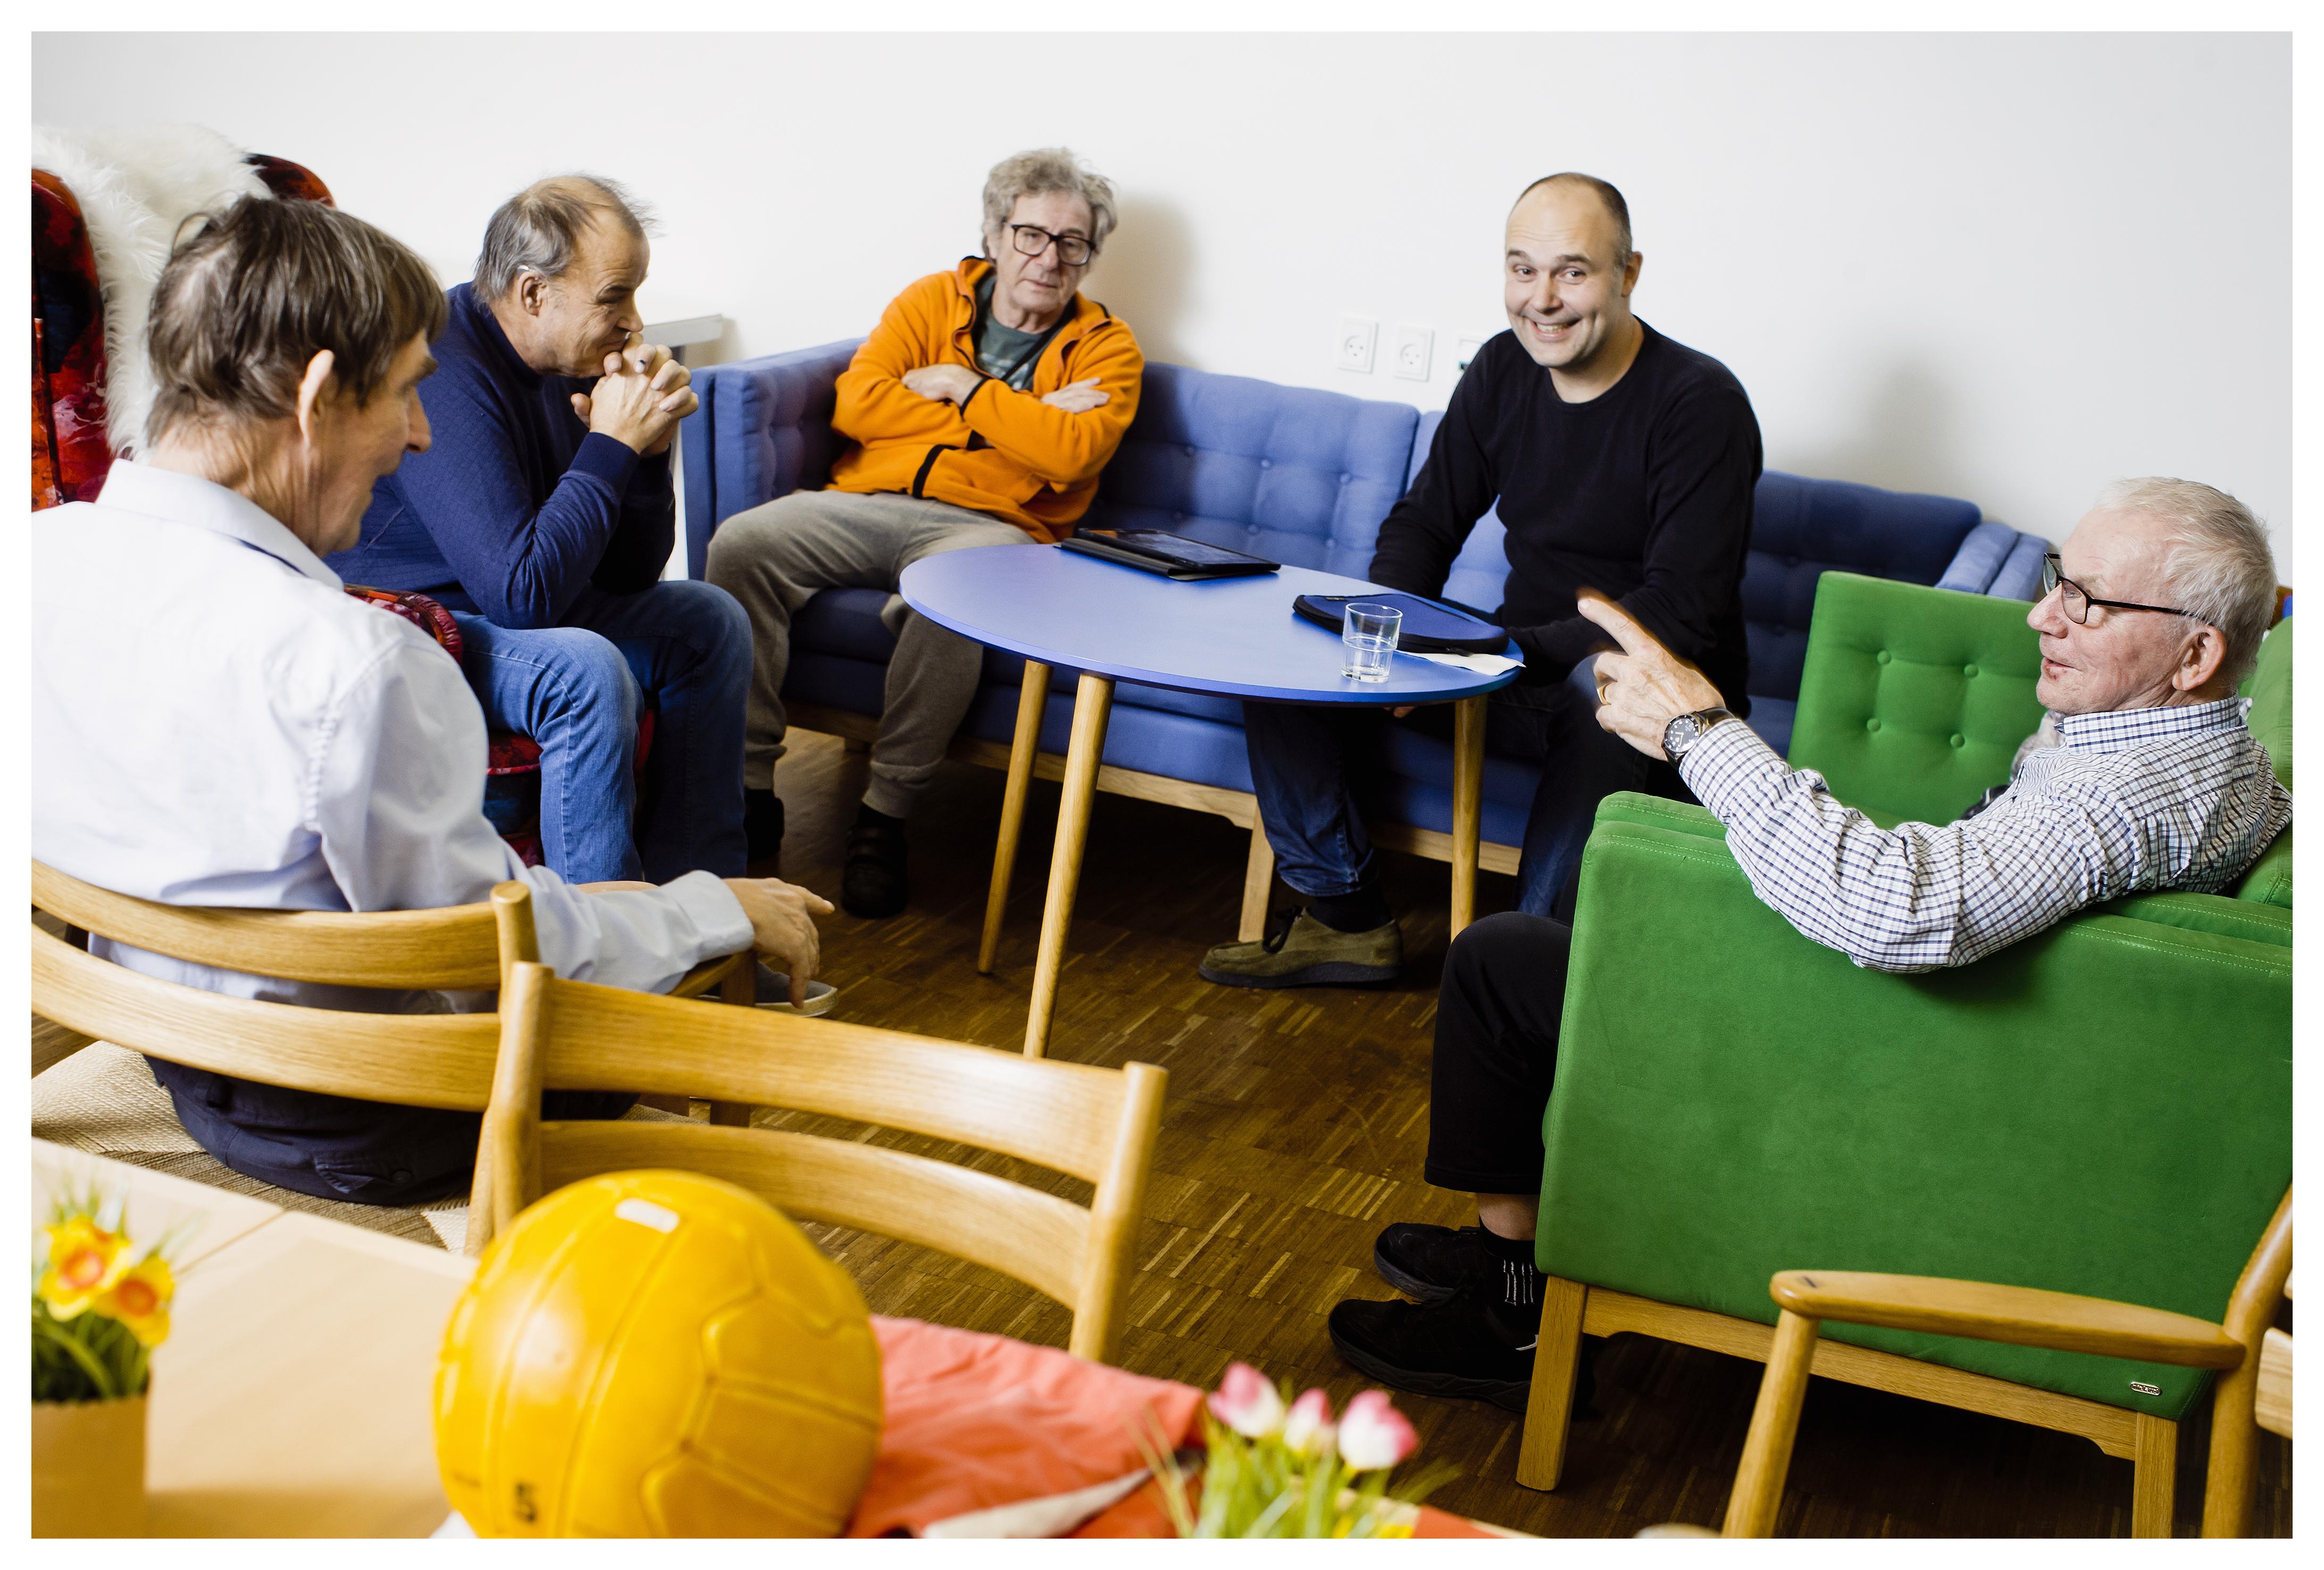 Fodboldtræningen består af tre dele: Først sidder de og taler om nogle fodboldartefakter for at vække fodboldminderne til live hos de demente borgere. Derefter går de udenfor med fodbolden og spiller lidt, og til sidst slutter de af med en snak om træningen.